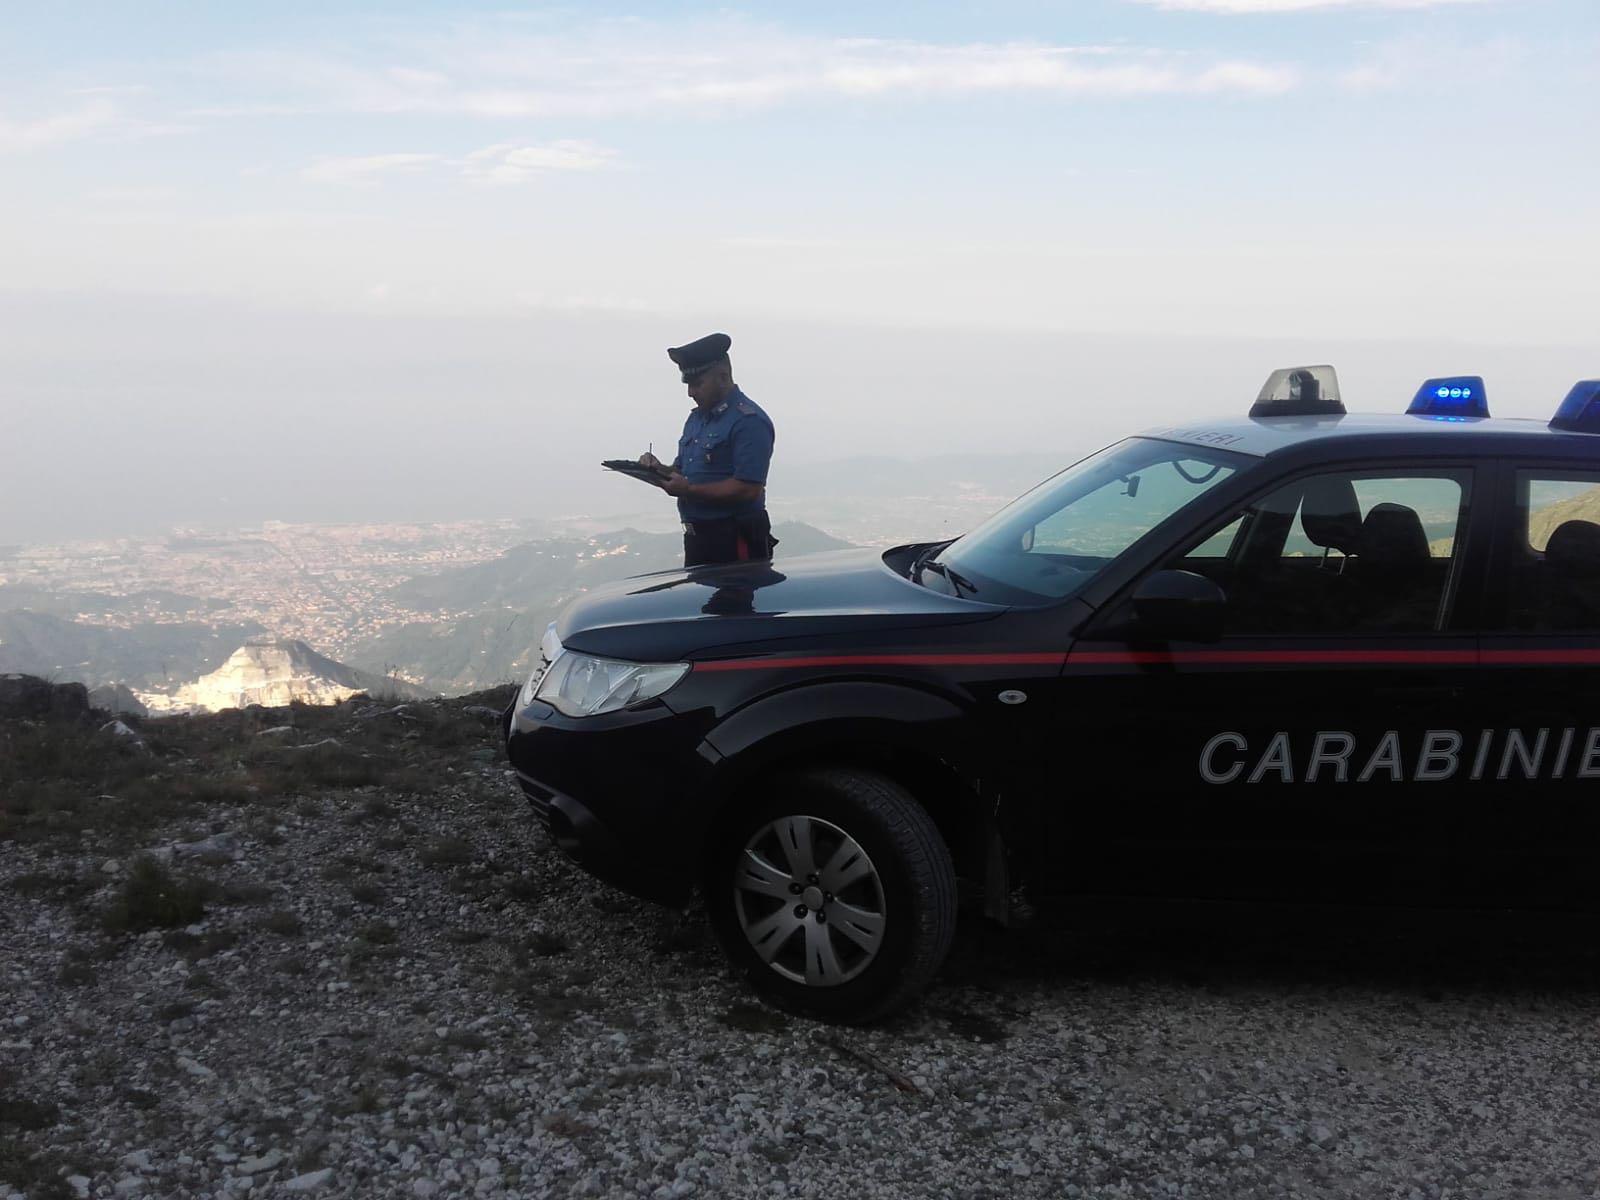 Raccoglie erbe aromatiche sul monte Sagro e precipita: tragedia sulle Apuane